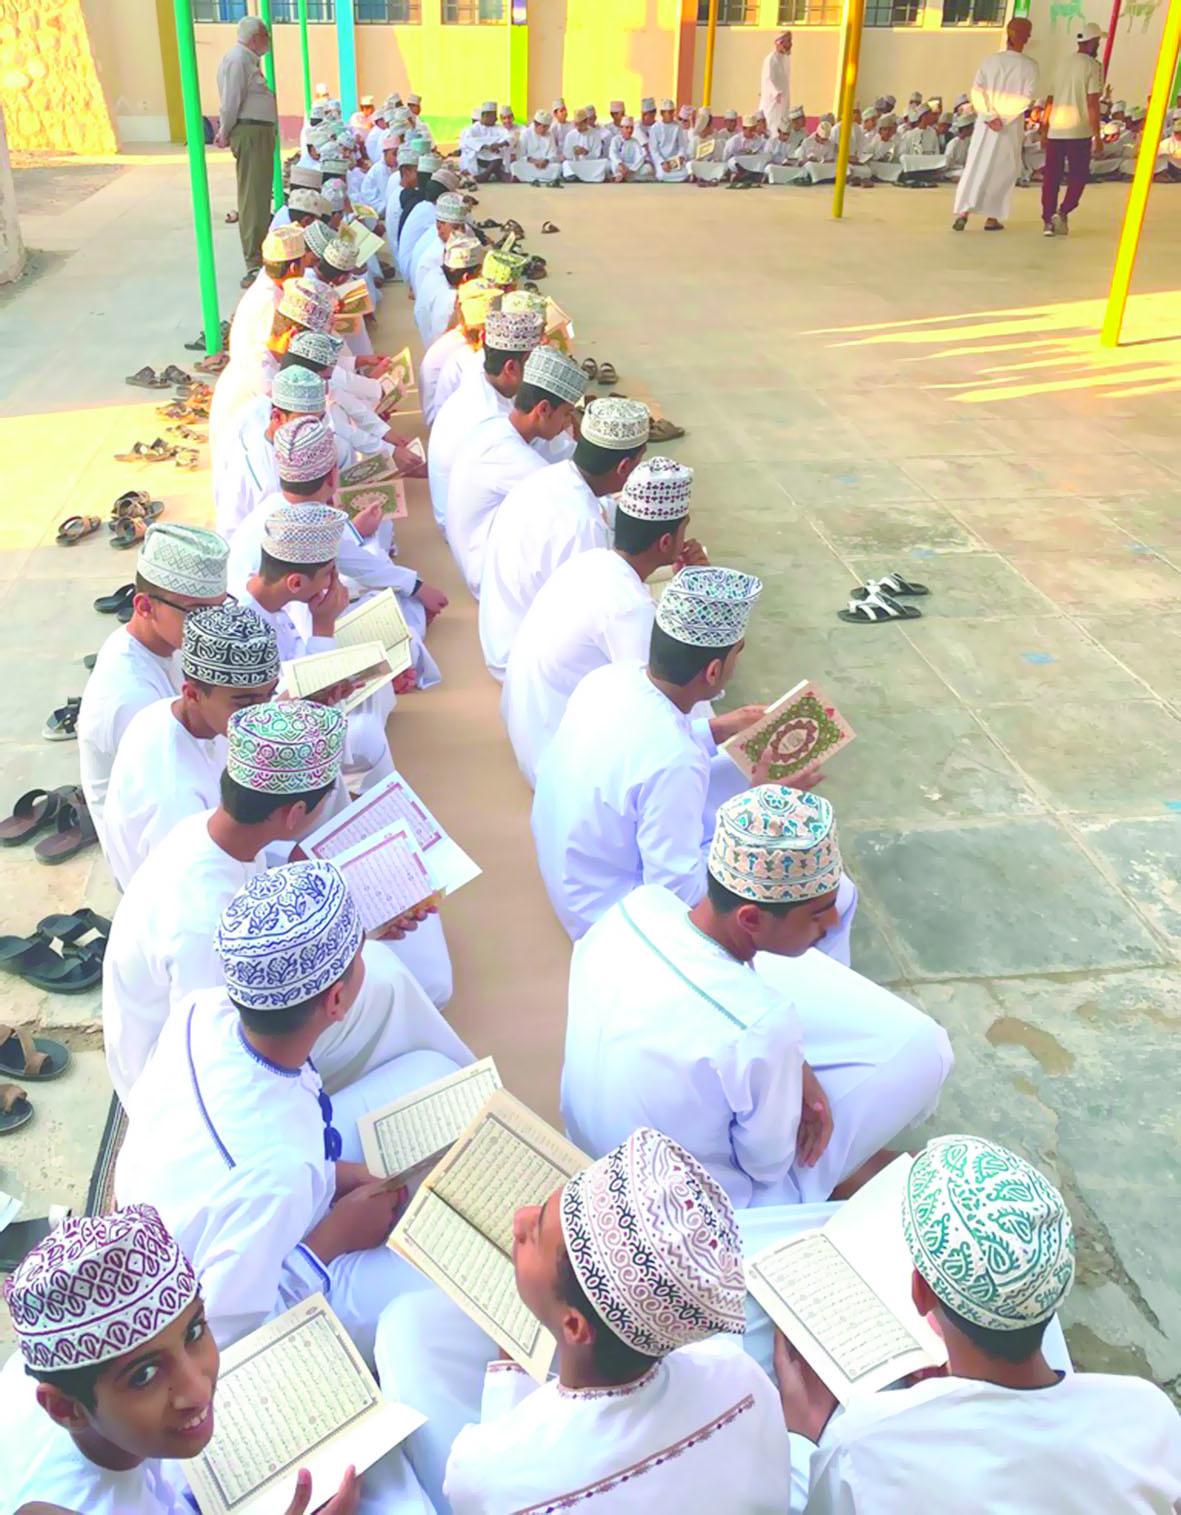 تلاوة القرآن على روح فقيد الوطن والأمة بمدارس سمائل وبدبد